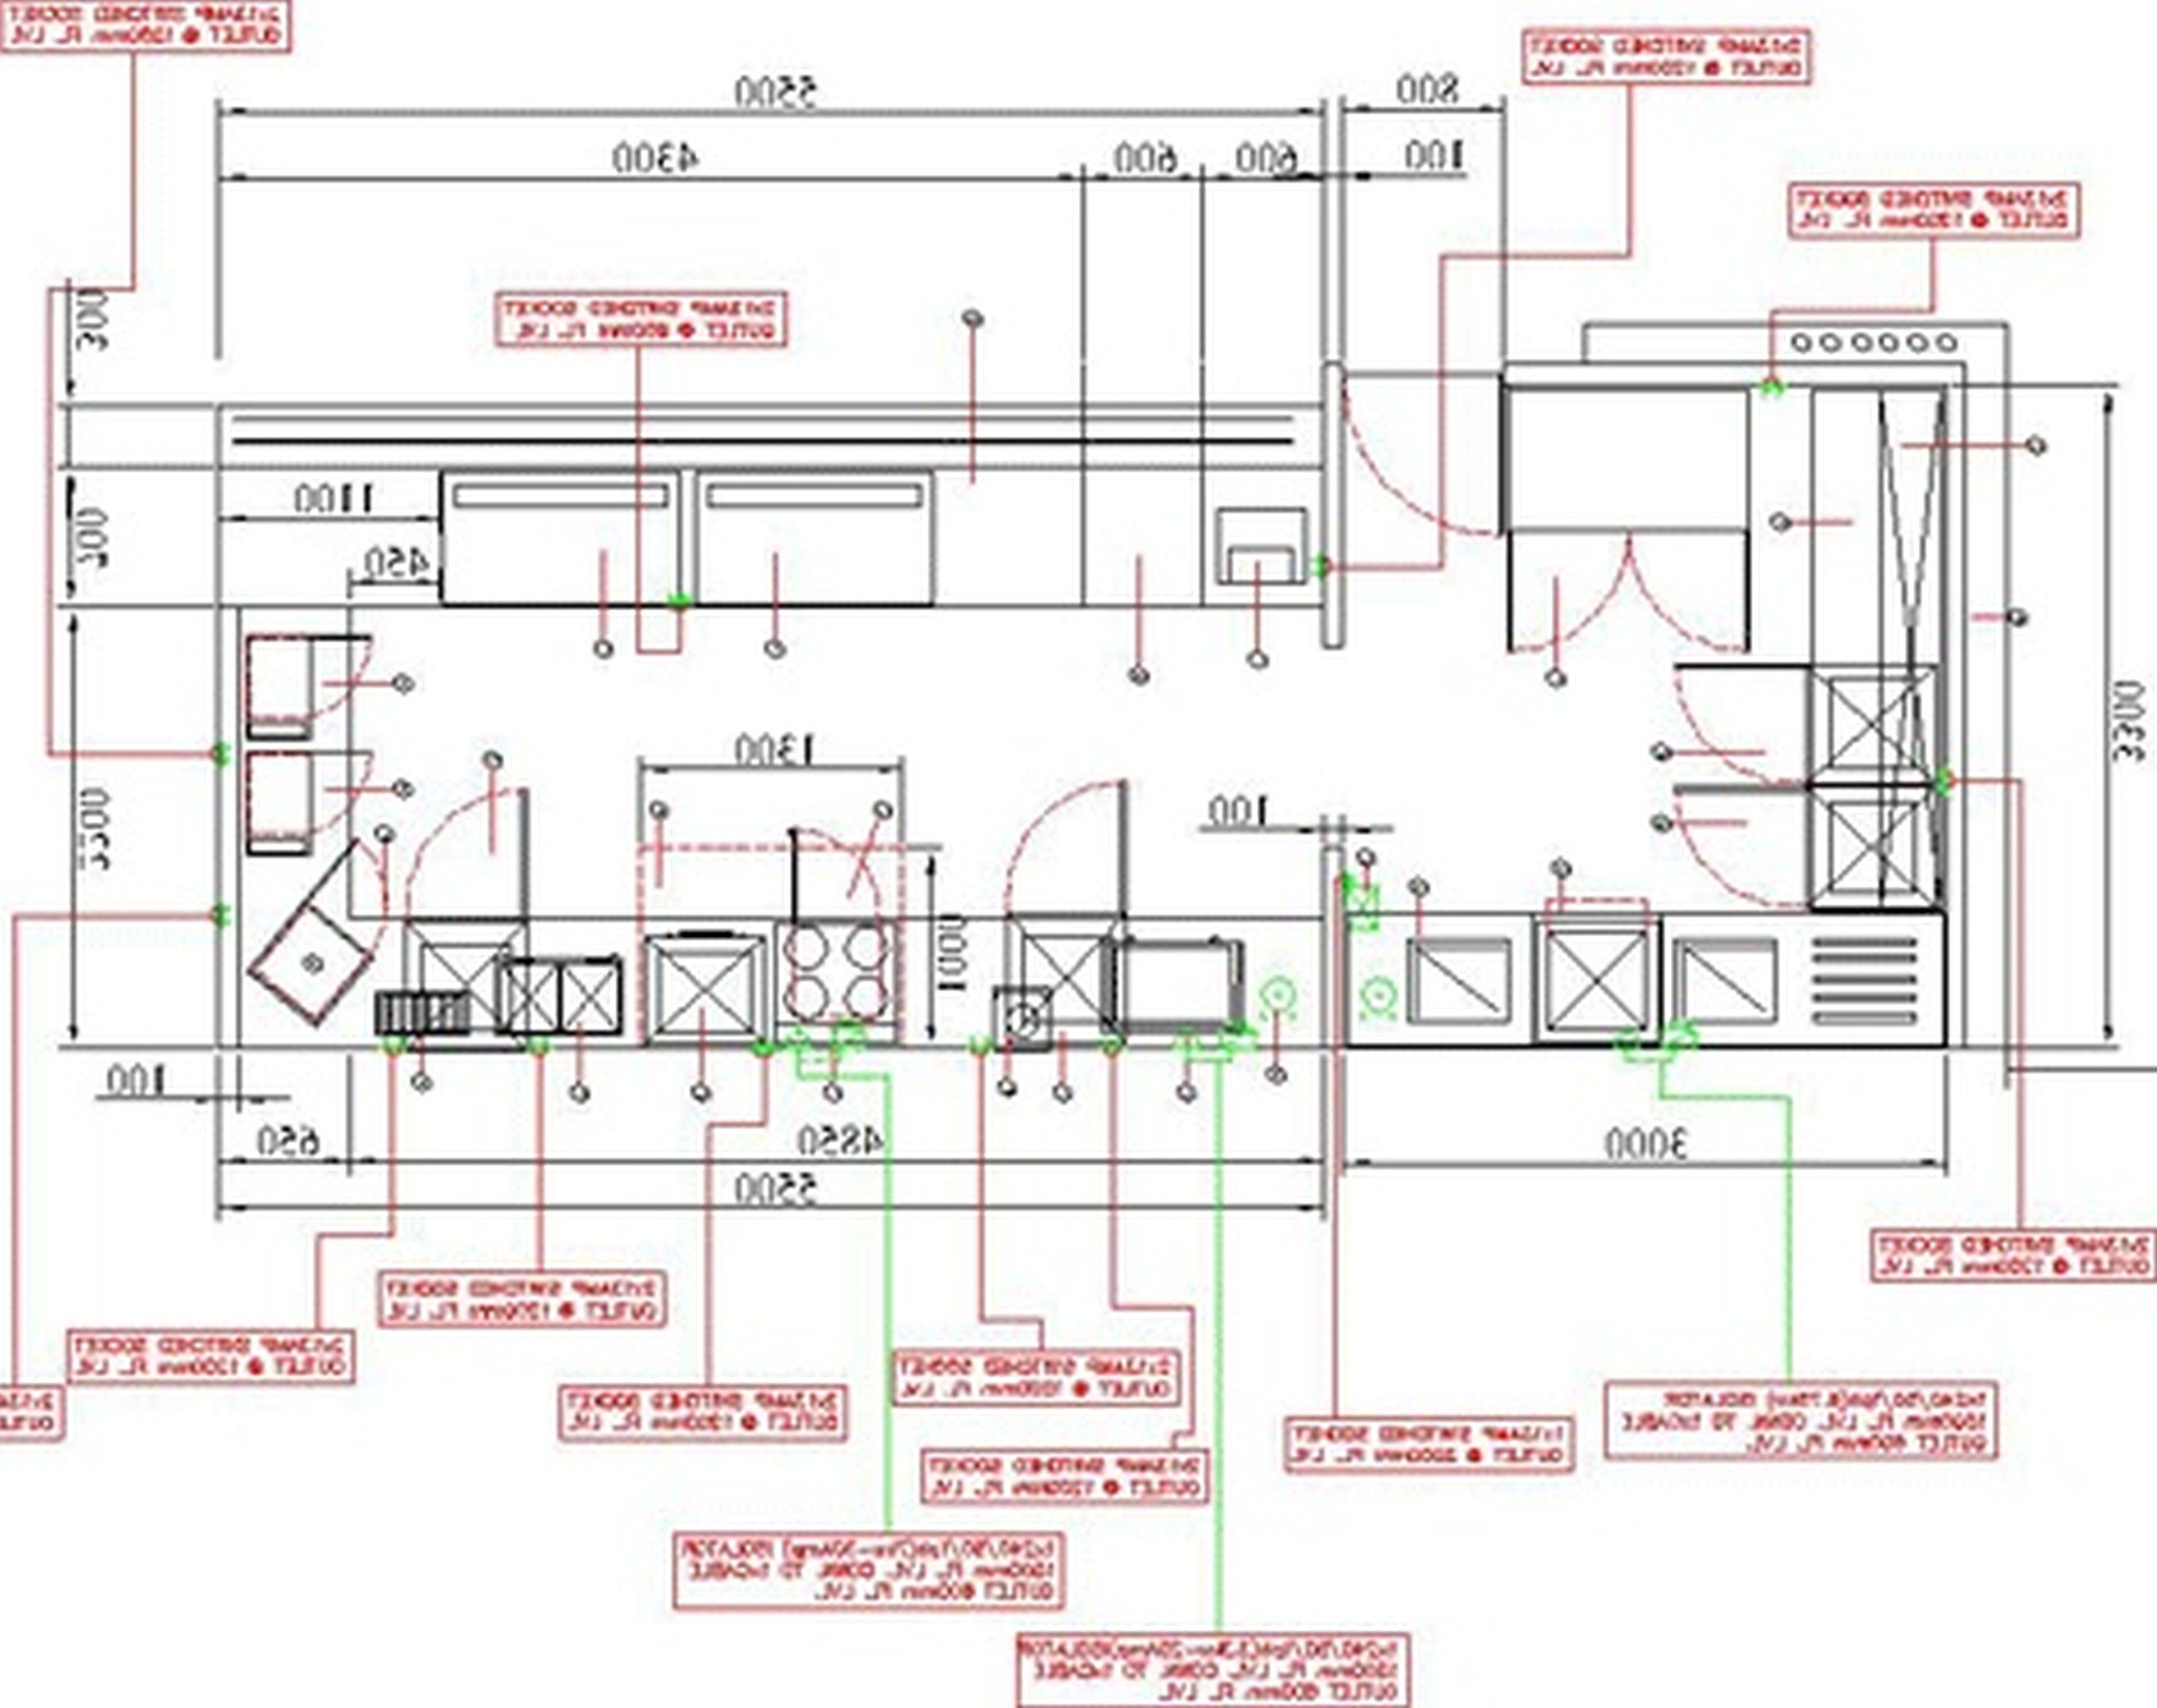 Superb Kitchen Layout Design Software Brilliant Free Commercial Kitchen Design Kitchen Designs Layout Kitchen Design Software